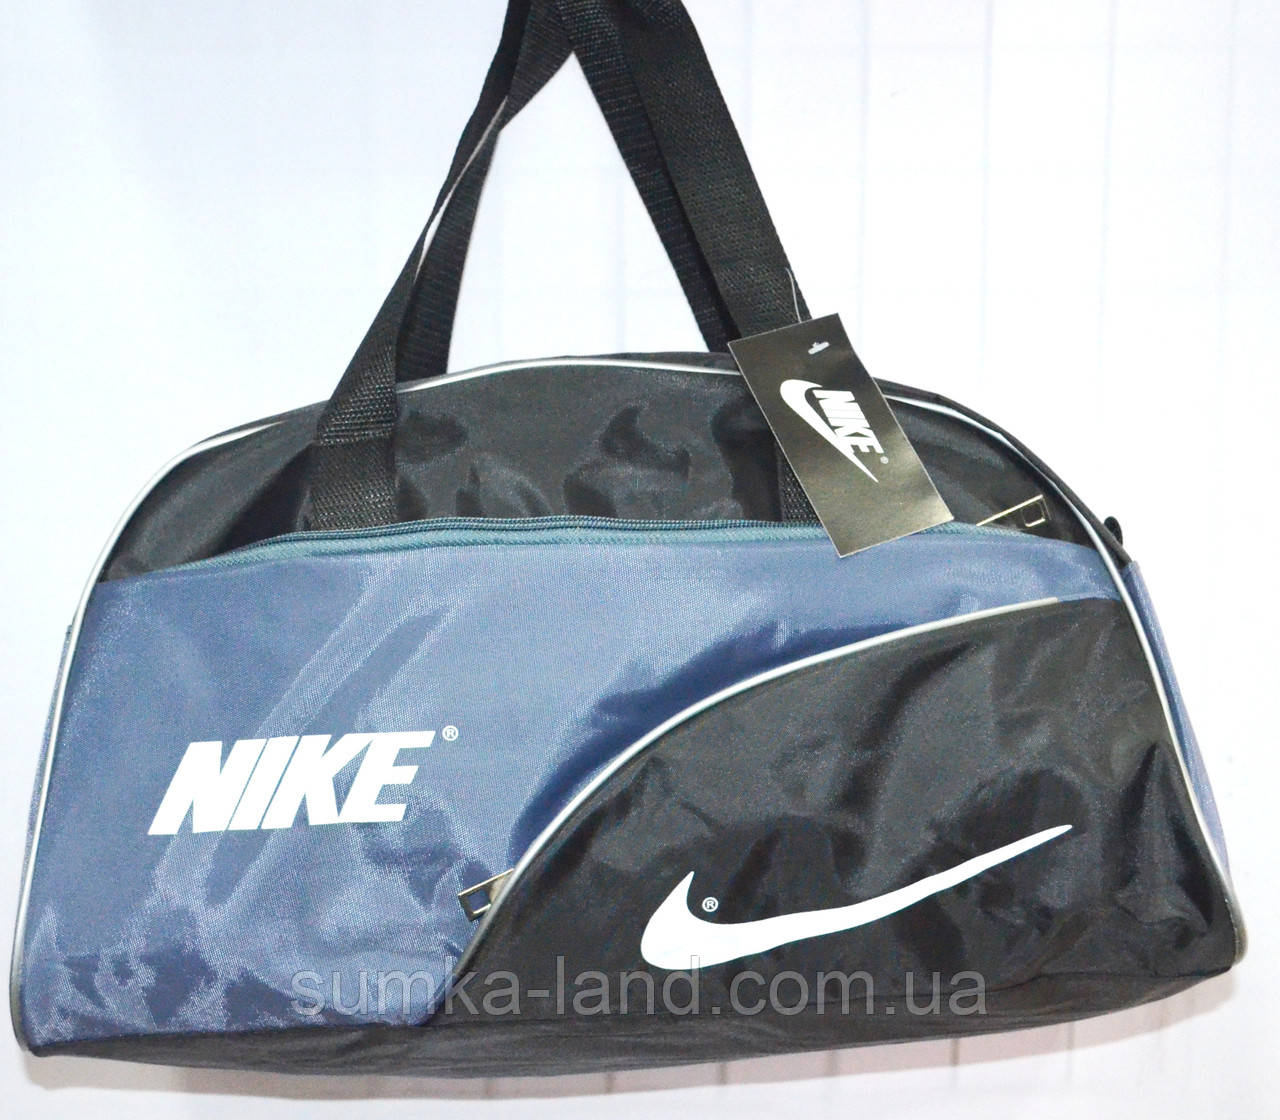 Универсальные спортивные сумки (ЧЕРНЫЙ - с - СЕРЫМ)